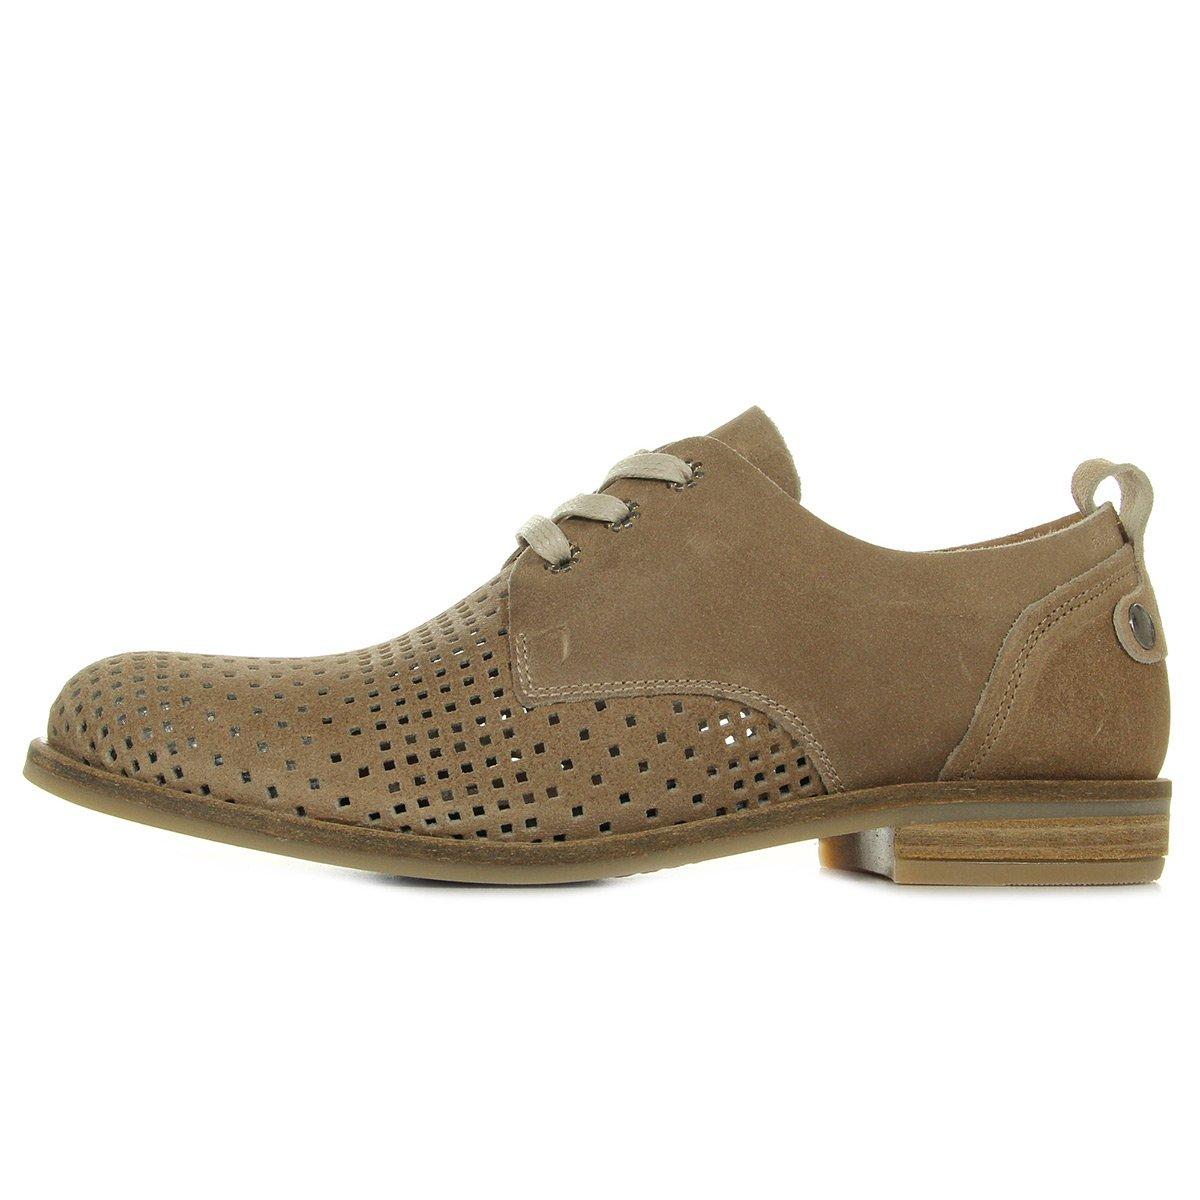 Palladium PLDM Singa TBL Beige 75318007, Zapatos 40 EU